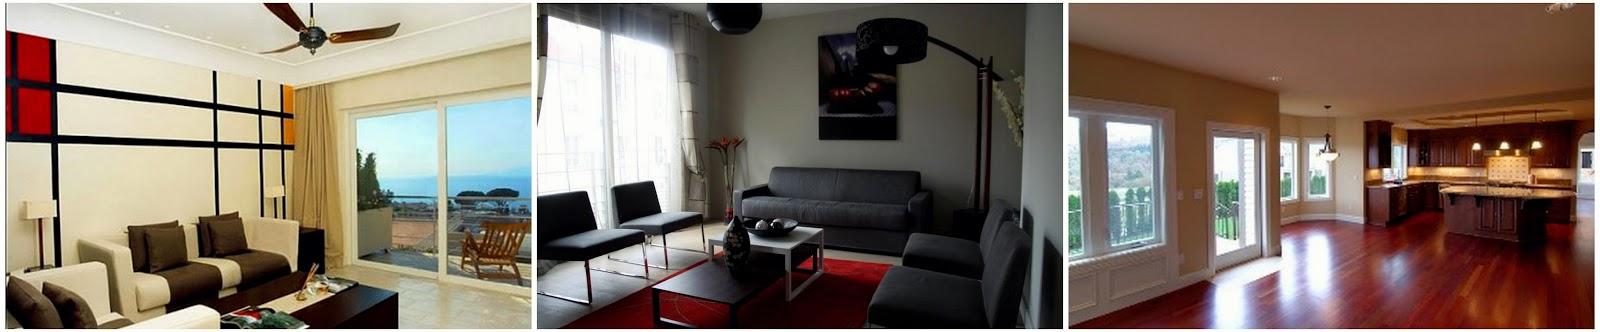 cout peintre en batiment appartement peintre professionnel cesu. Black Bedroom Furniture Sets. Home Design Ideas